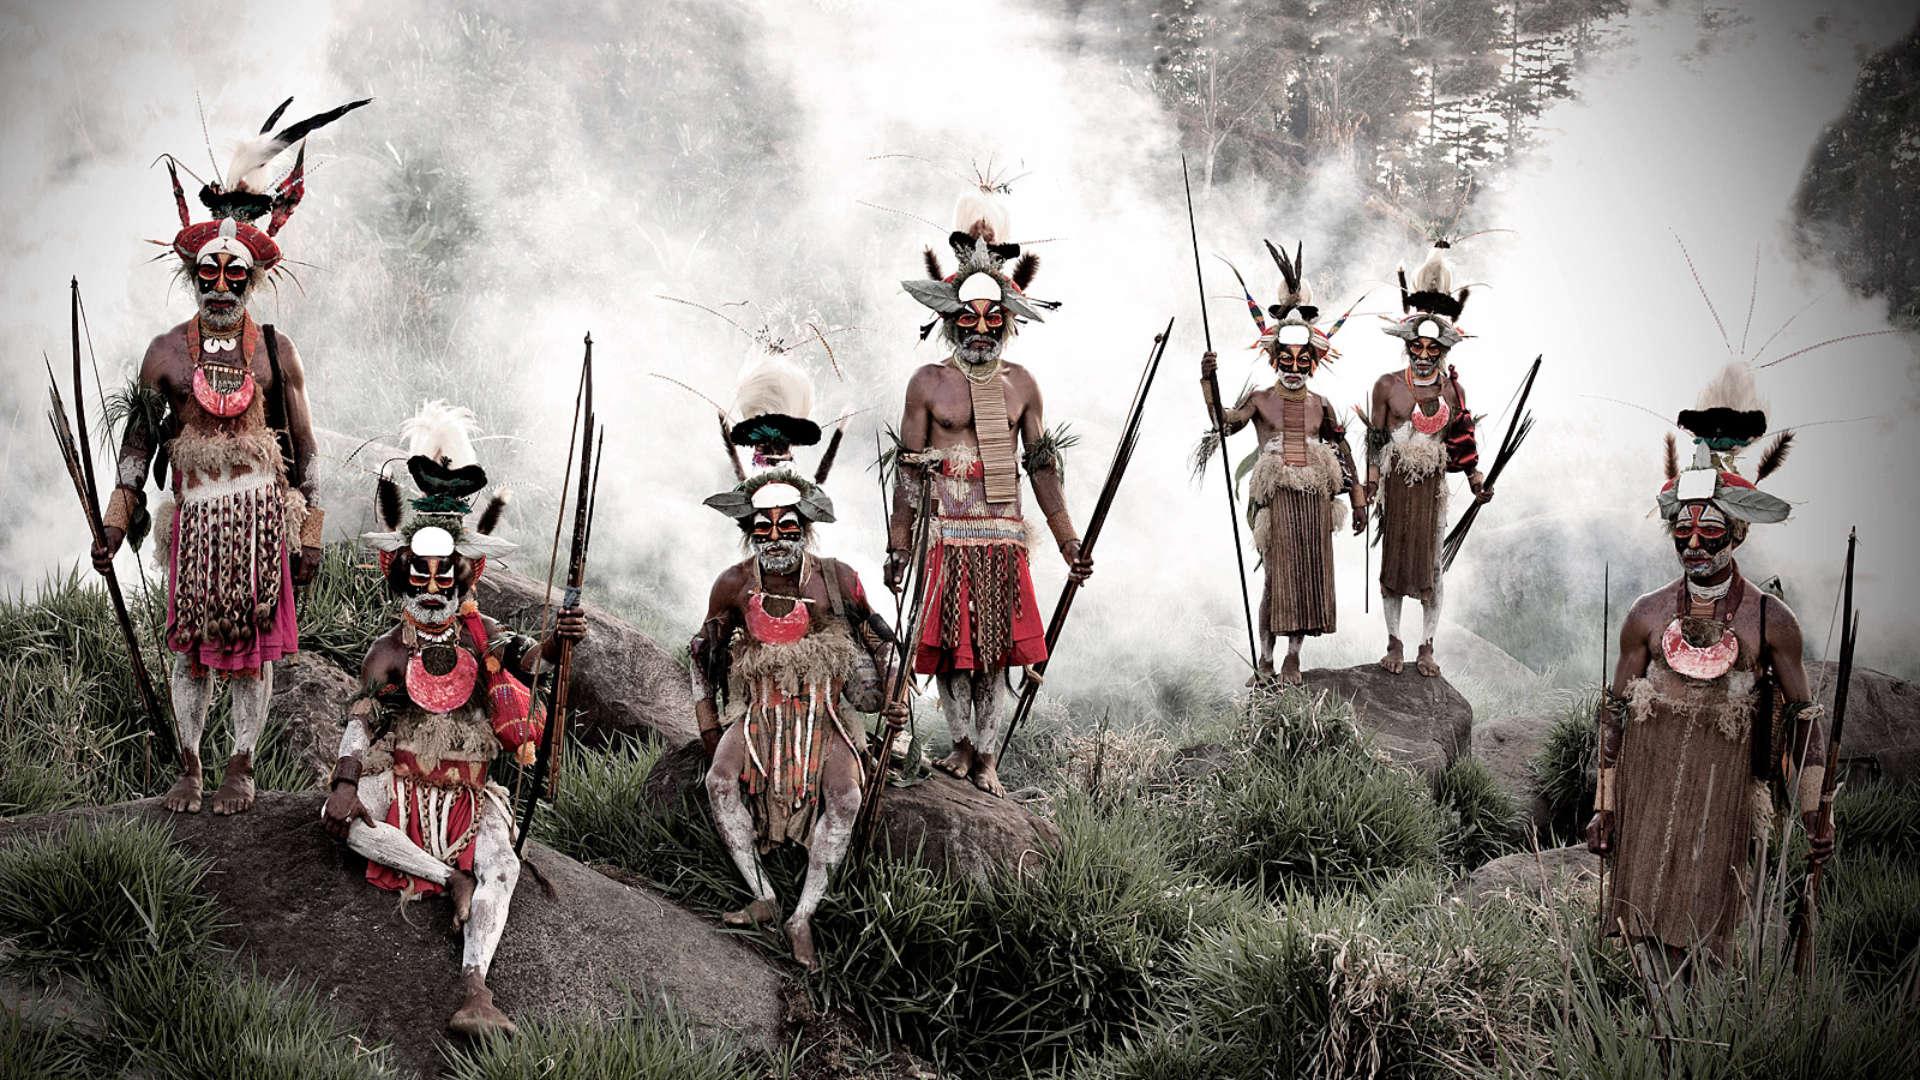 Goroka stam, Jalibu gebergte, Papoea-Nieuw-Guinea